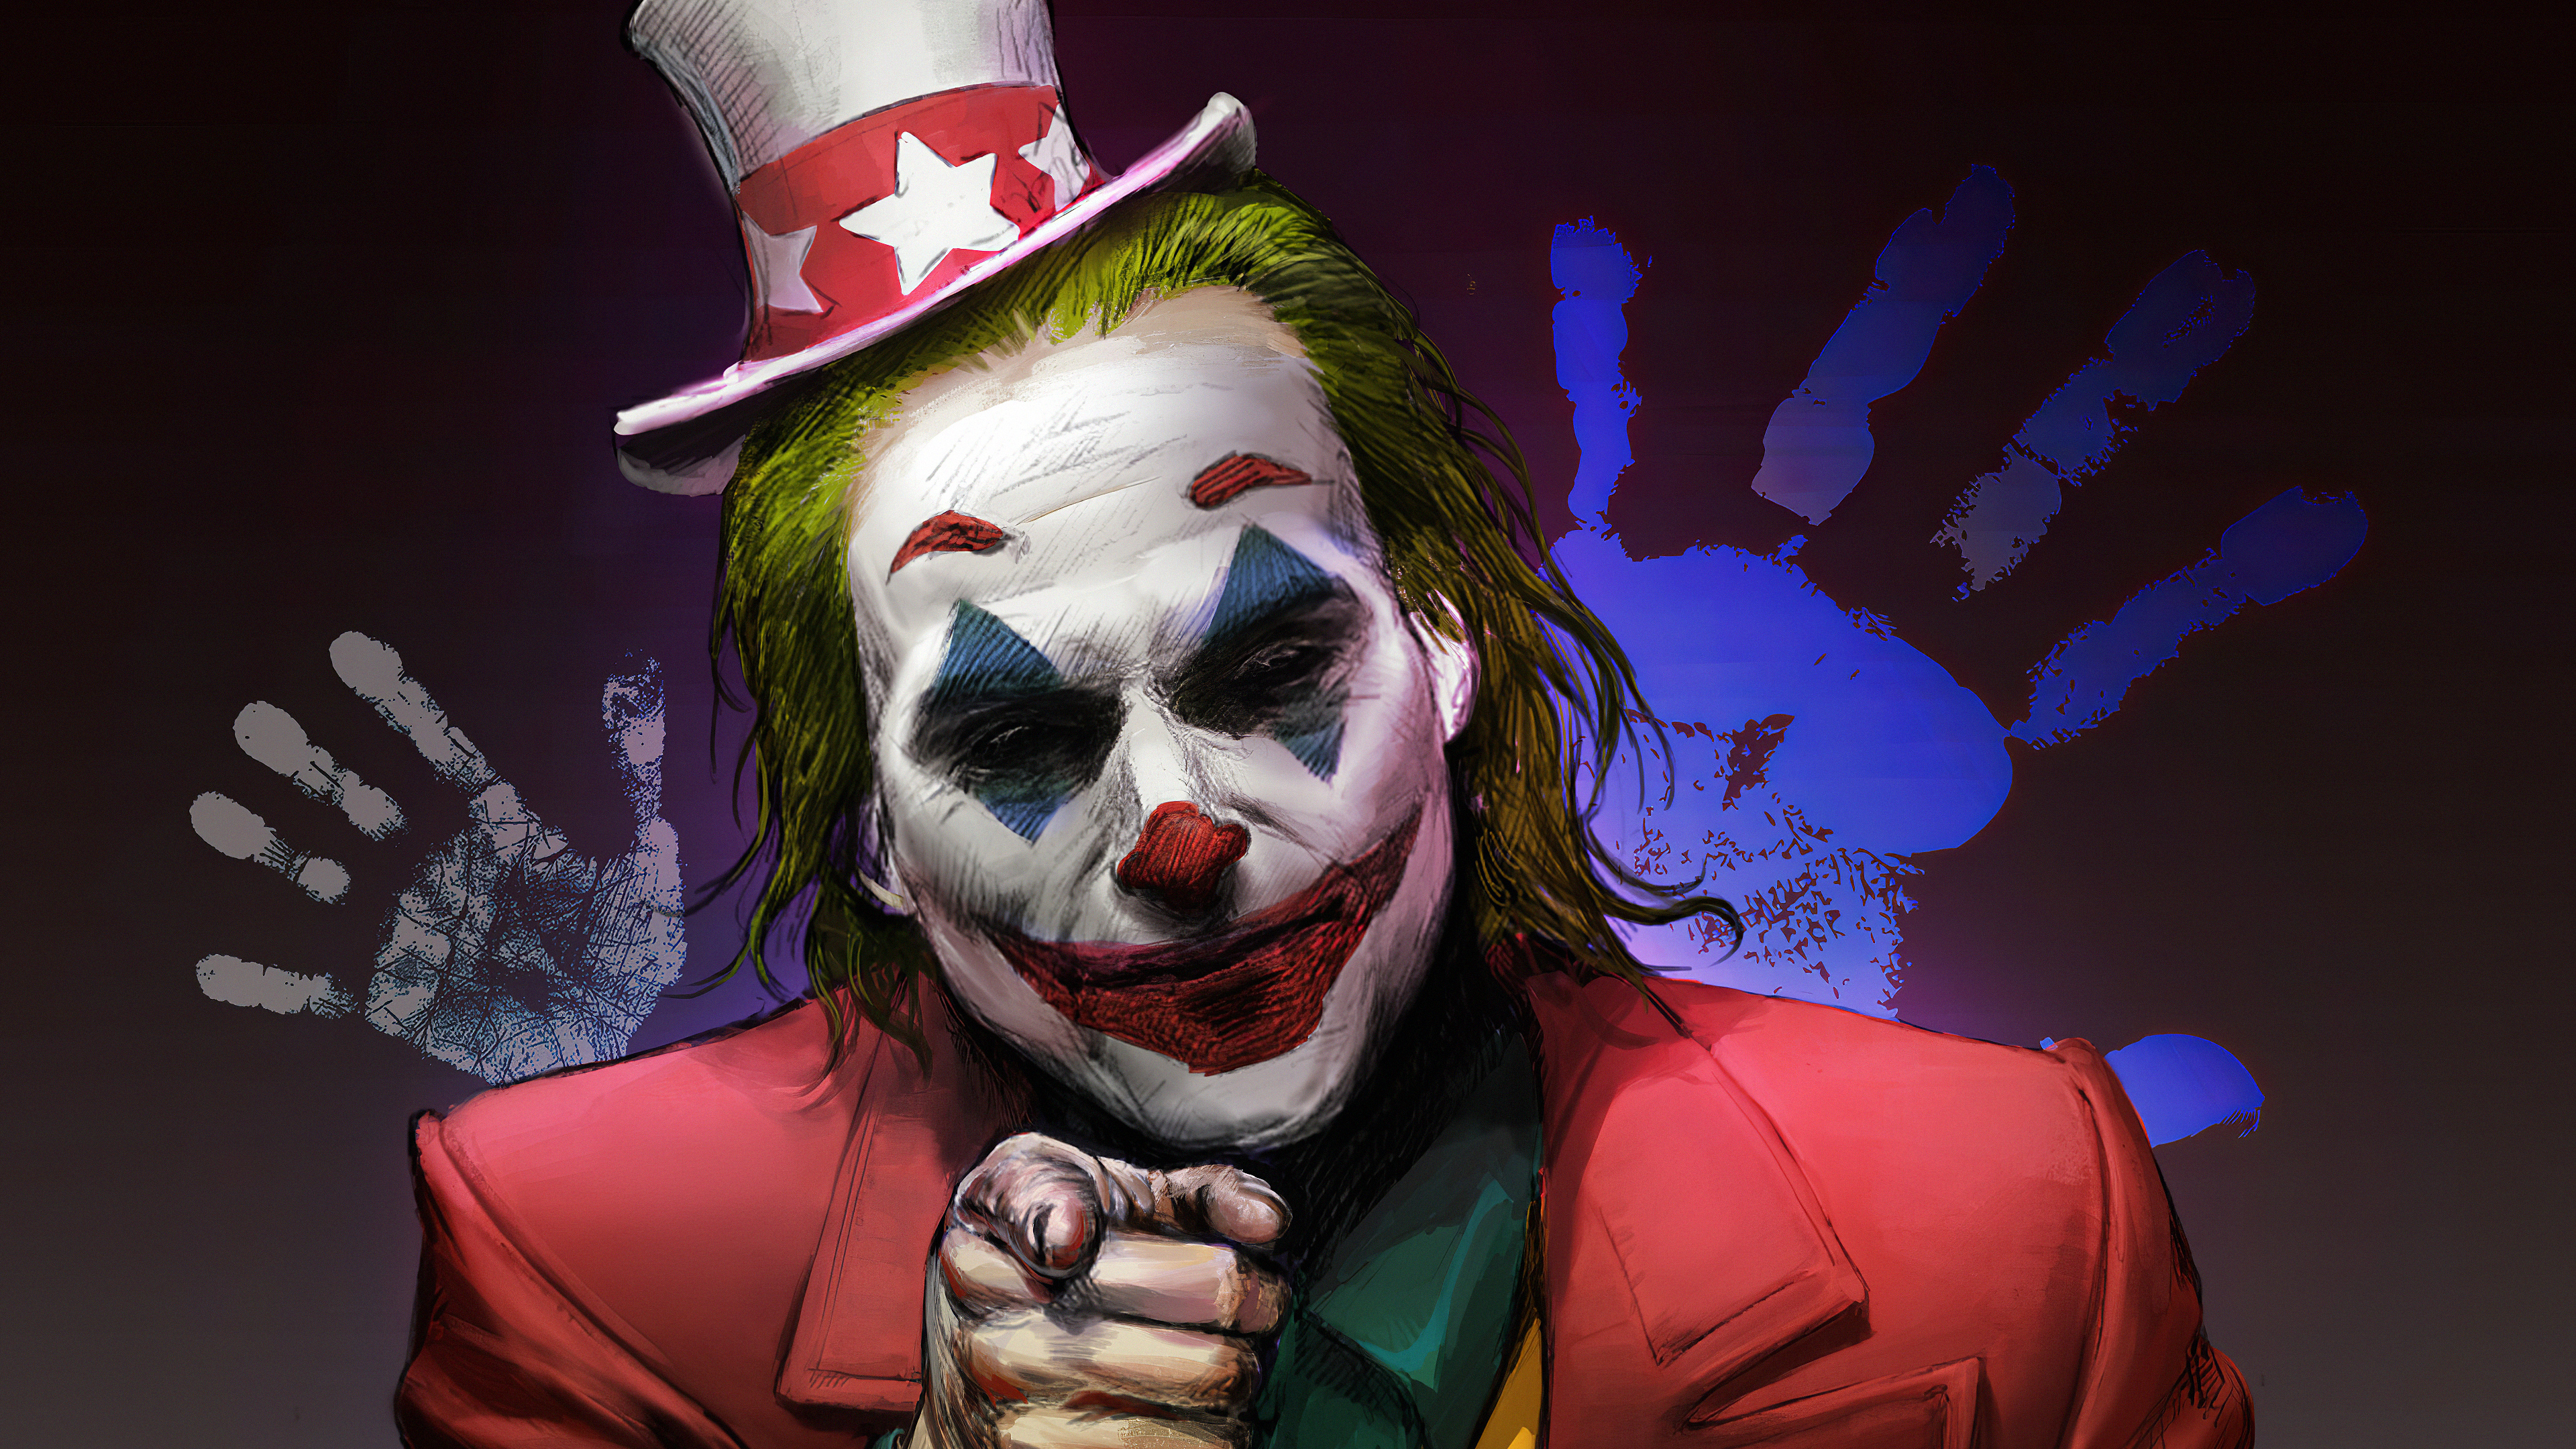 joker clown face 1572368766 - Joker Clown Face - supervillain wallpapers, superheroes wallpapers, joker wallpapers, joker movie wallpapers, hd-wallpapers, 4k-wallpapers